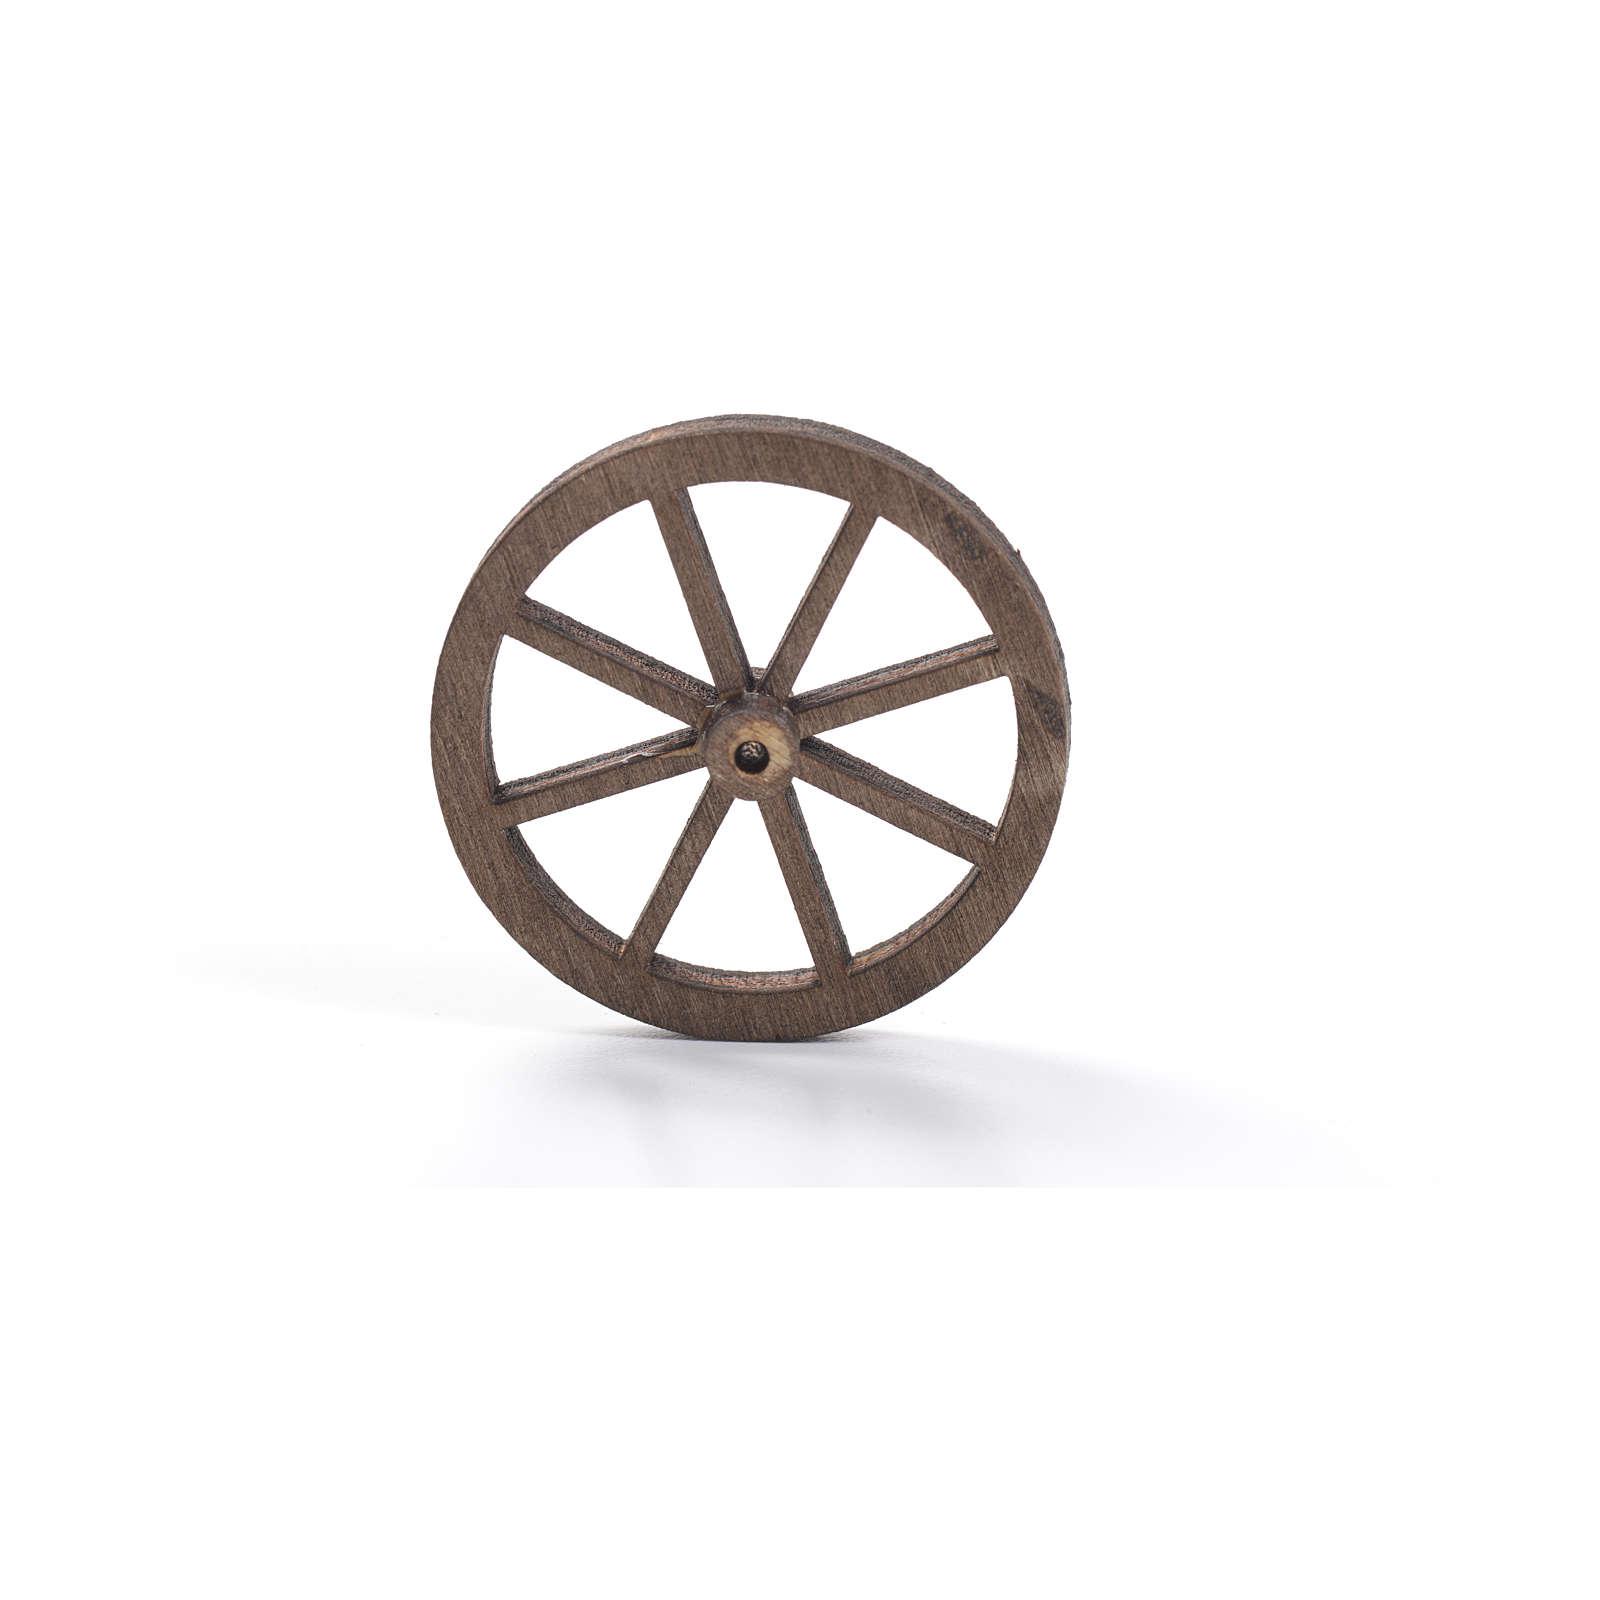 Roda madeira presépio diâmetro 4 cm 4